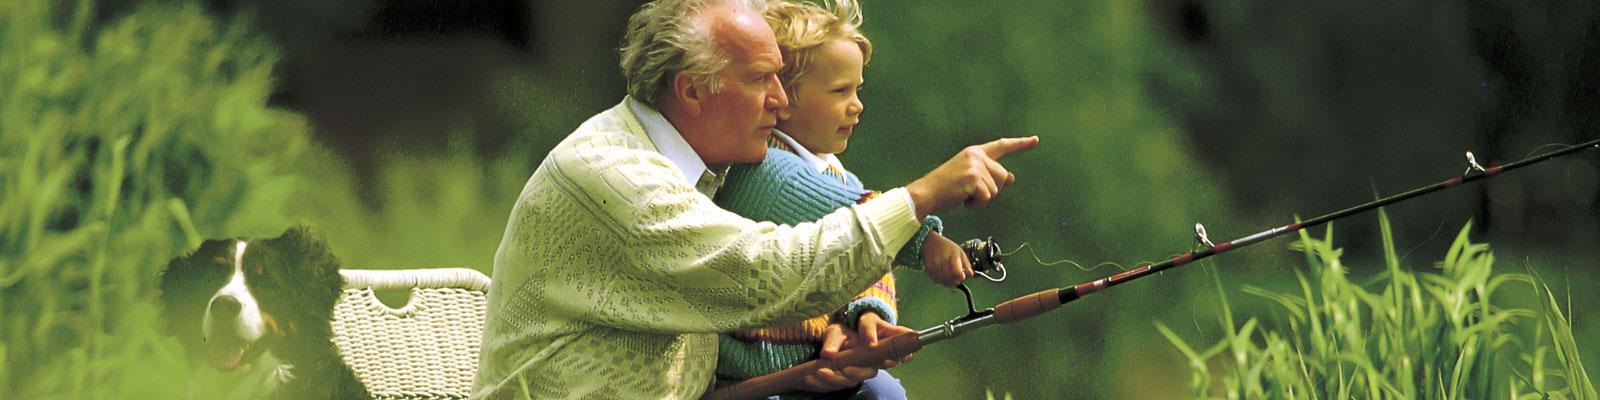 Vacances pêche